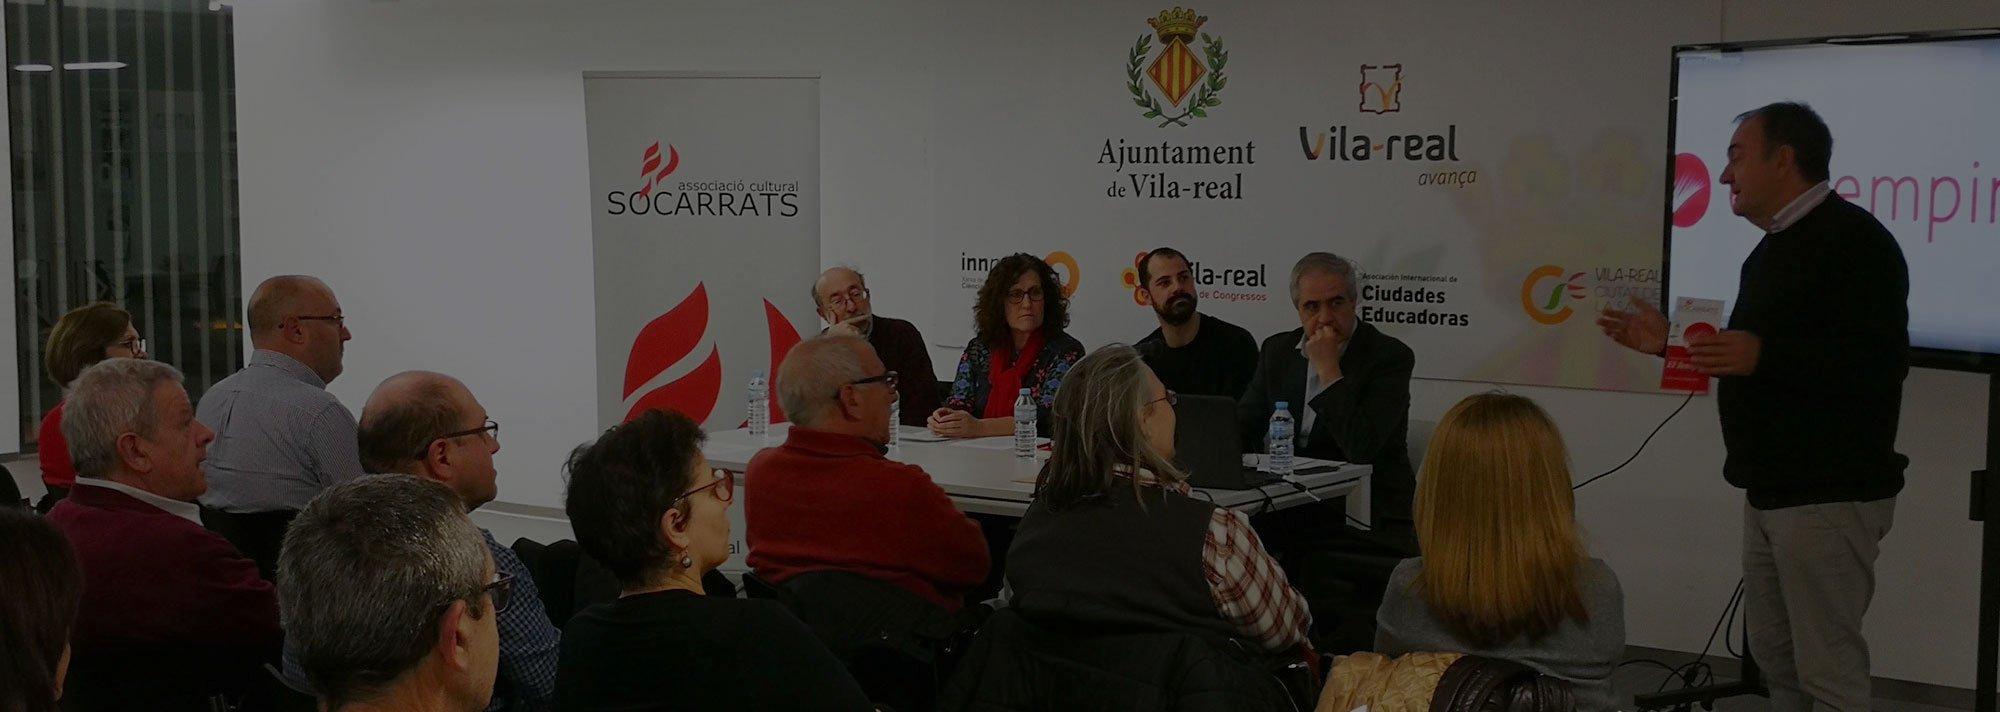 L'associacionisme al País Valencià